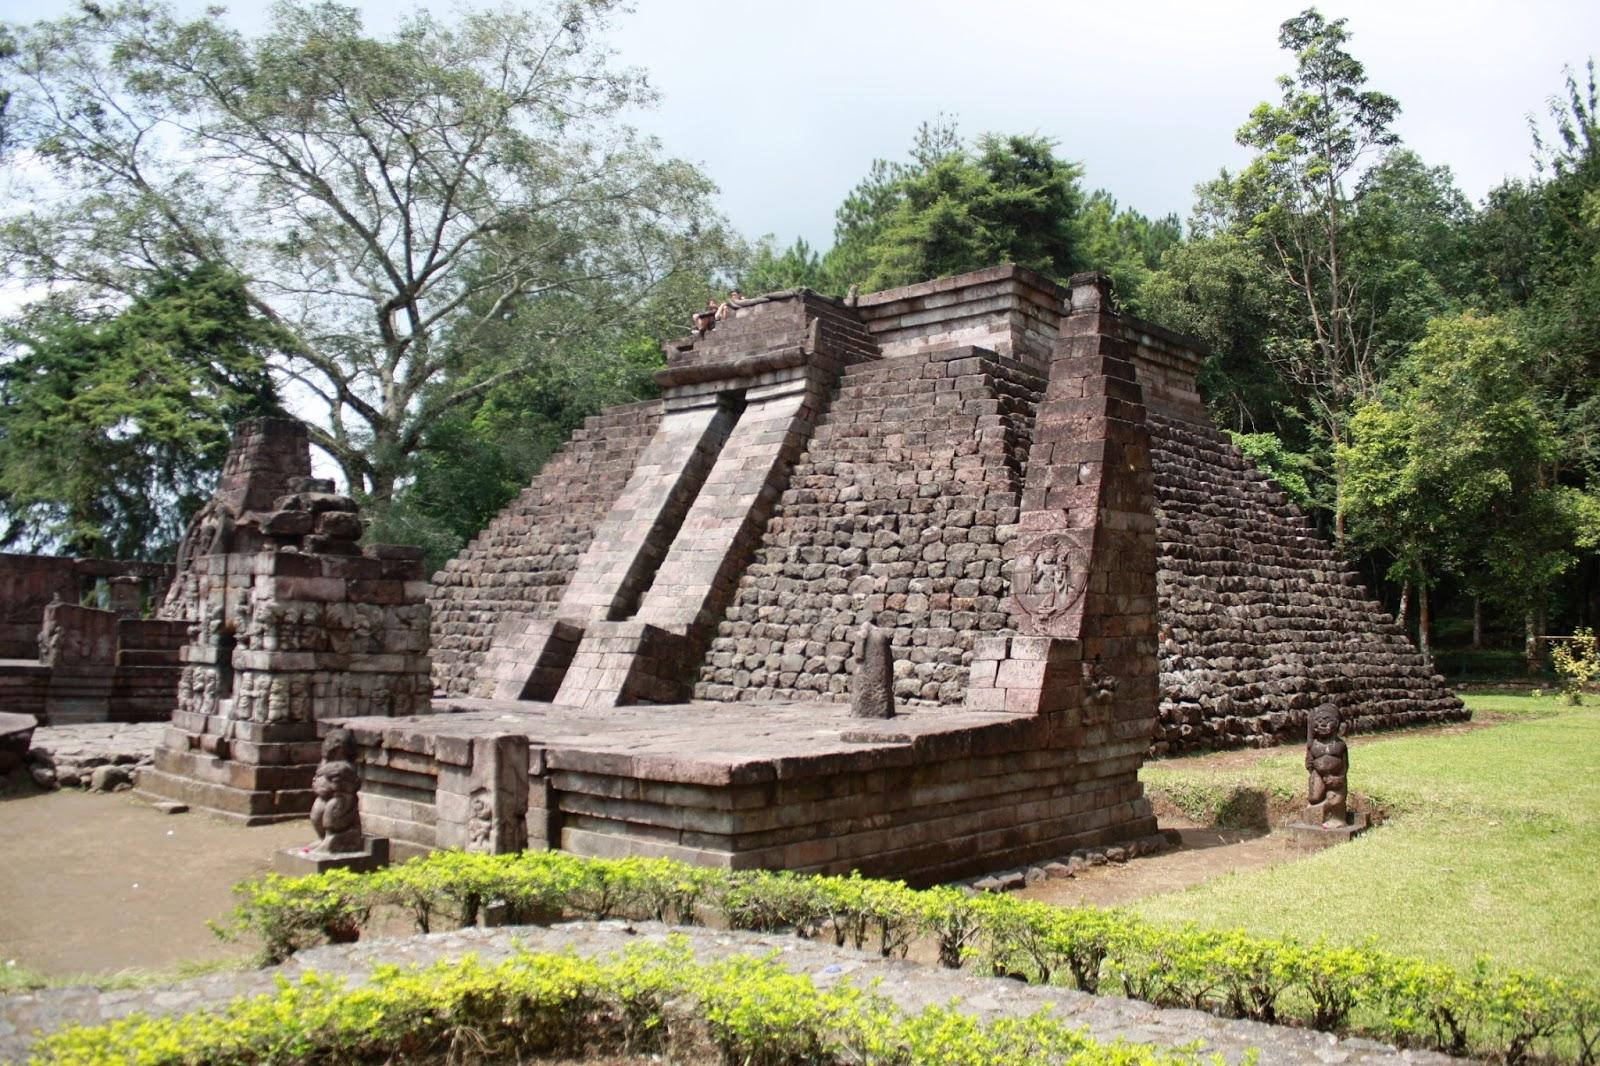 Objek Wisata Religi dan Budaya di Kota Solo